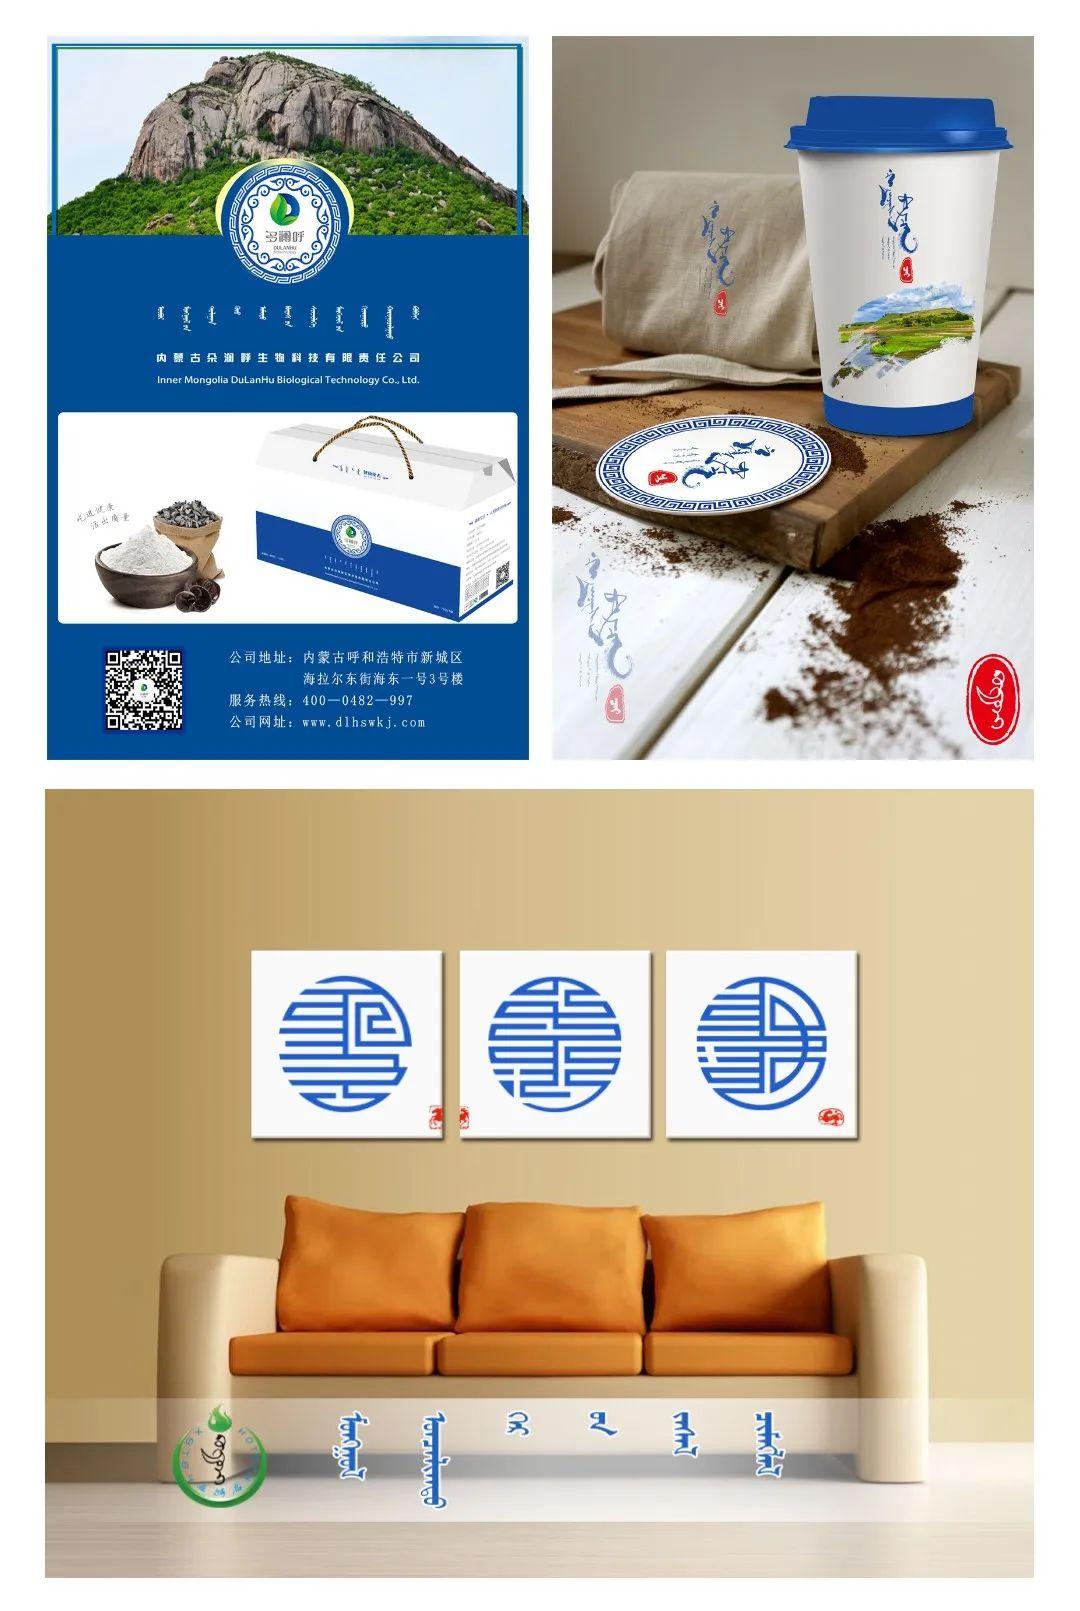 超赞的蒙元素设计-看完马上收藏 #Hotoch-Design#设计案例 第17张 超赞的蒙元素设计-看完马上收藏 #Hotoch-Design#设计案例 蒙古设计